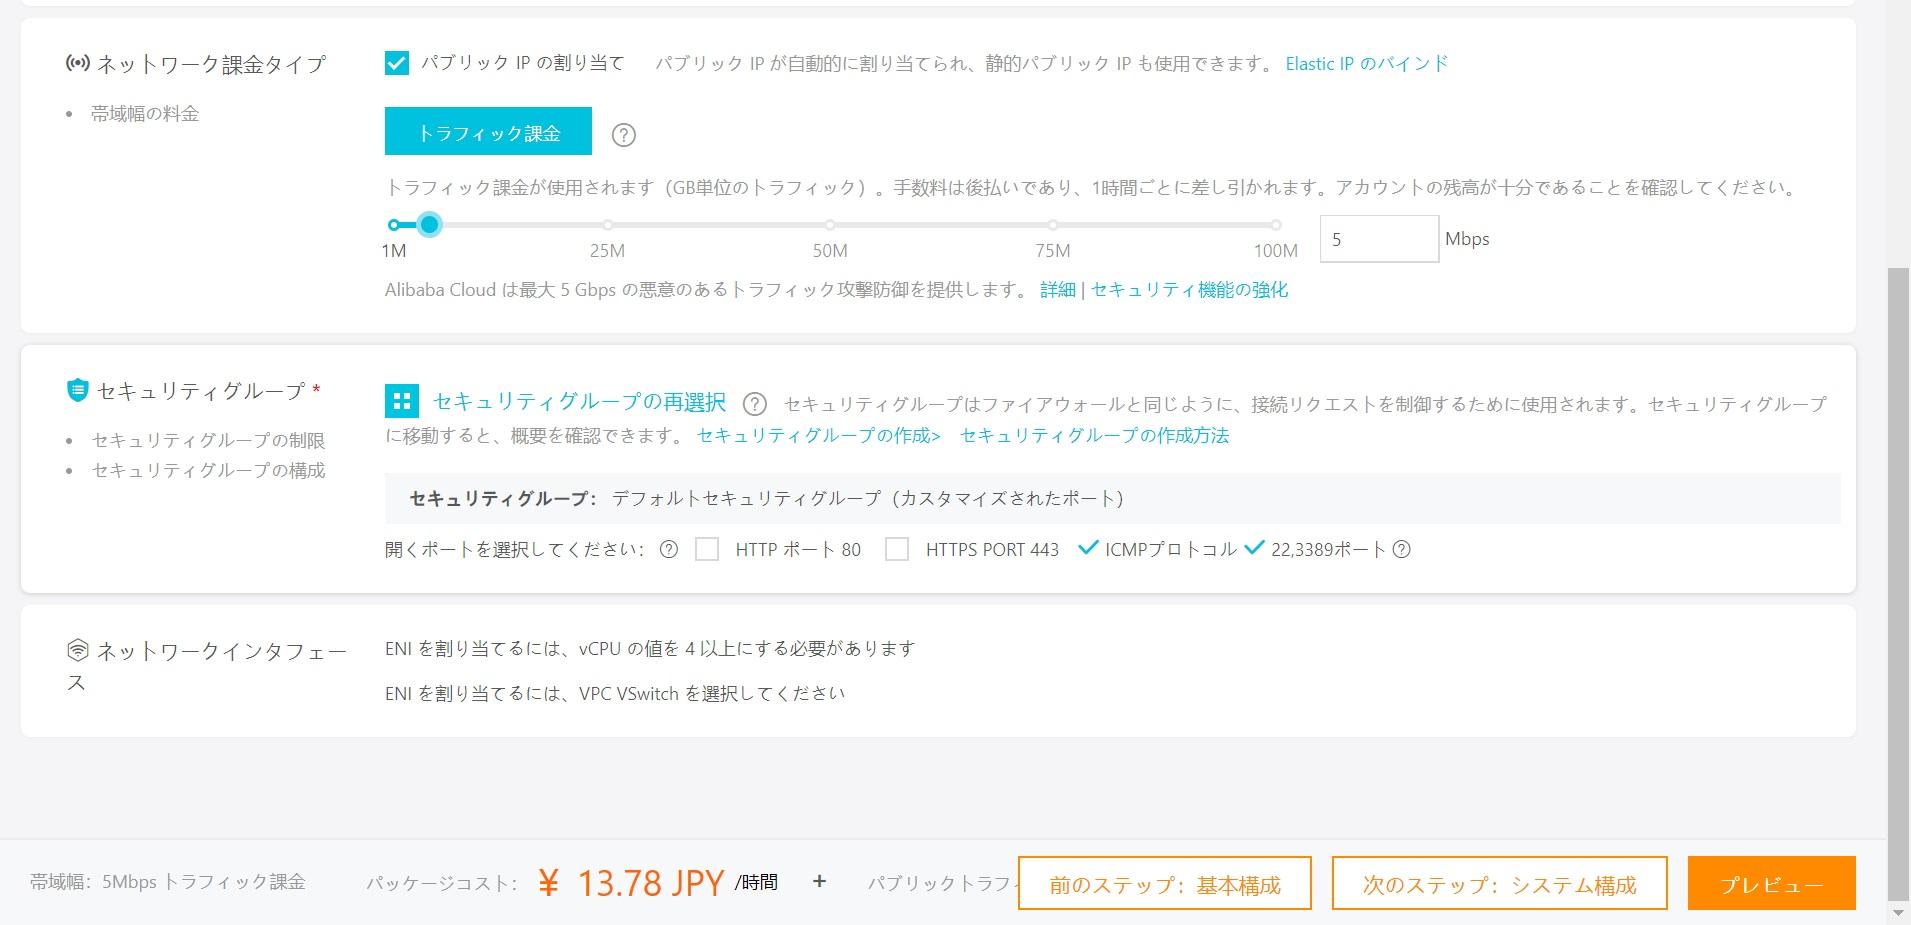 04-2_ネットワーク.jpg